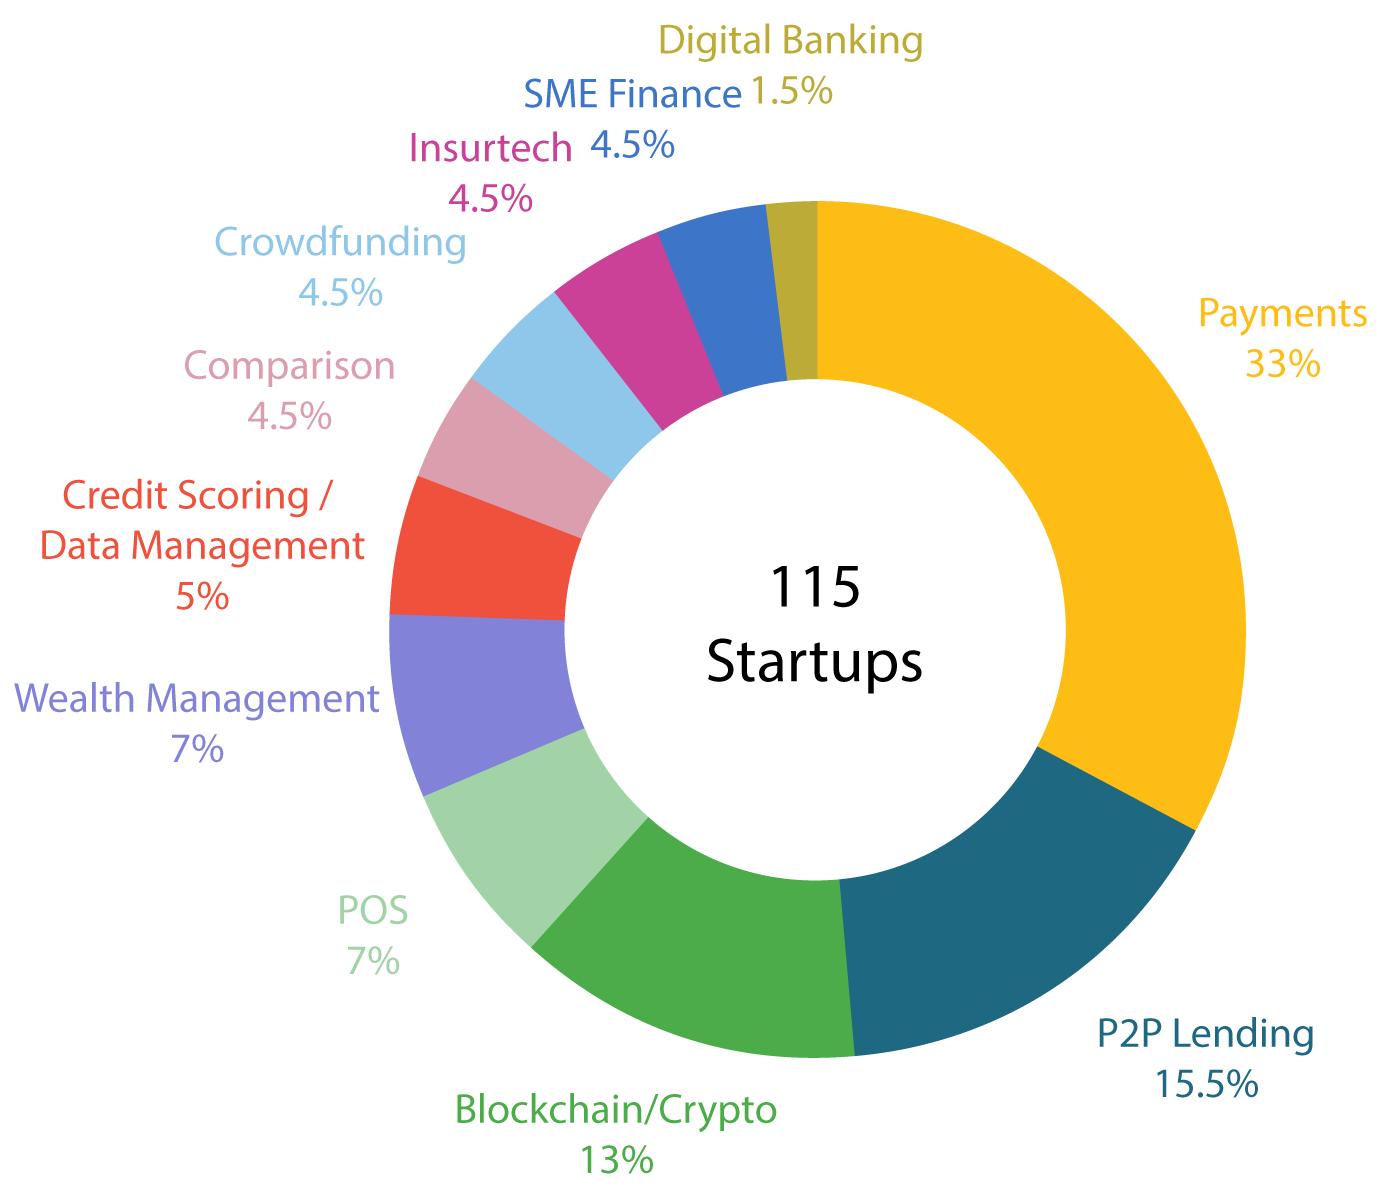 Vietnam Fintech Scene 2020 Breakdown